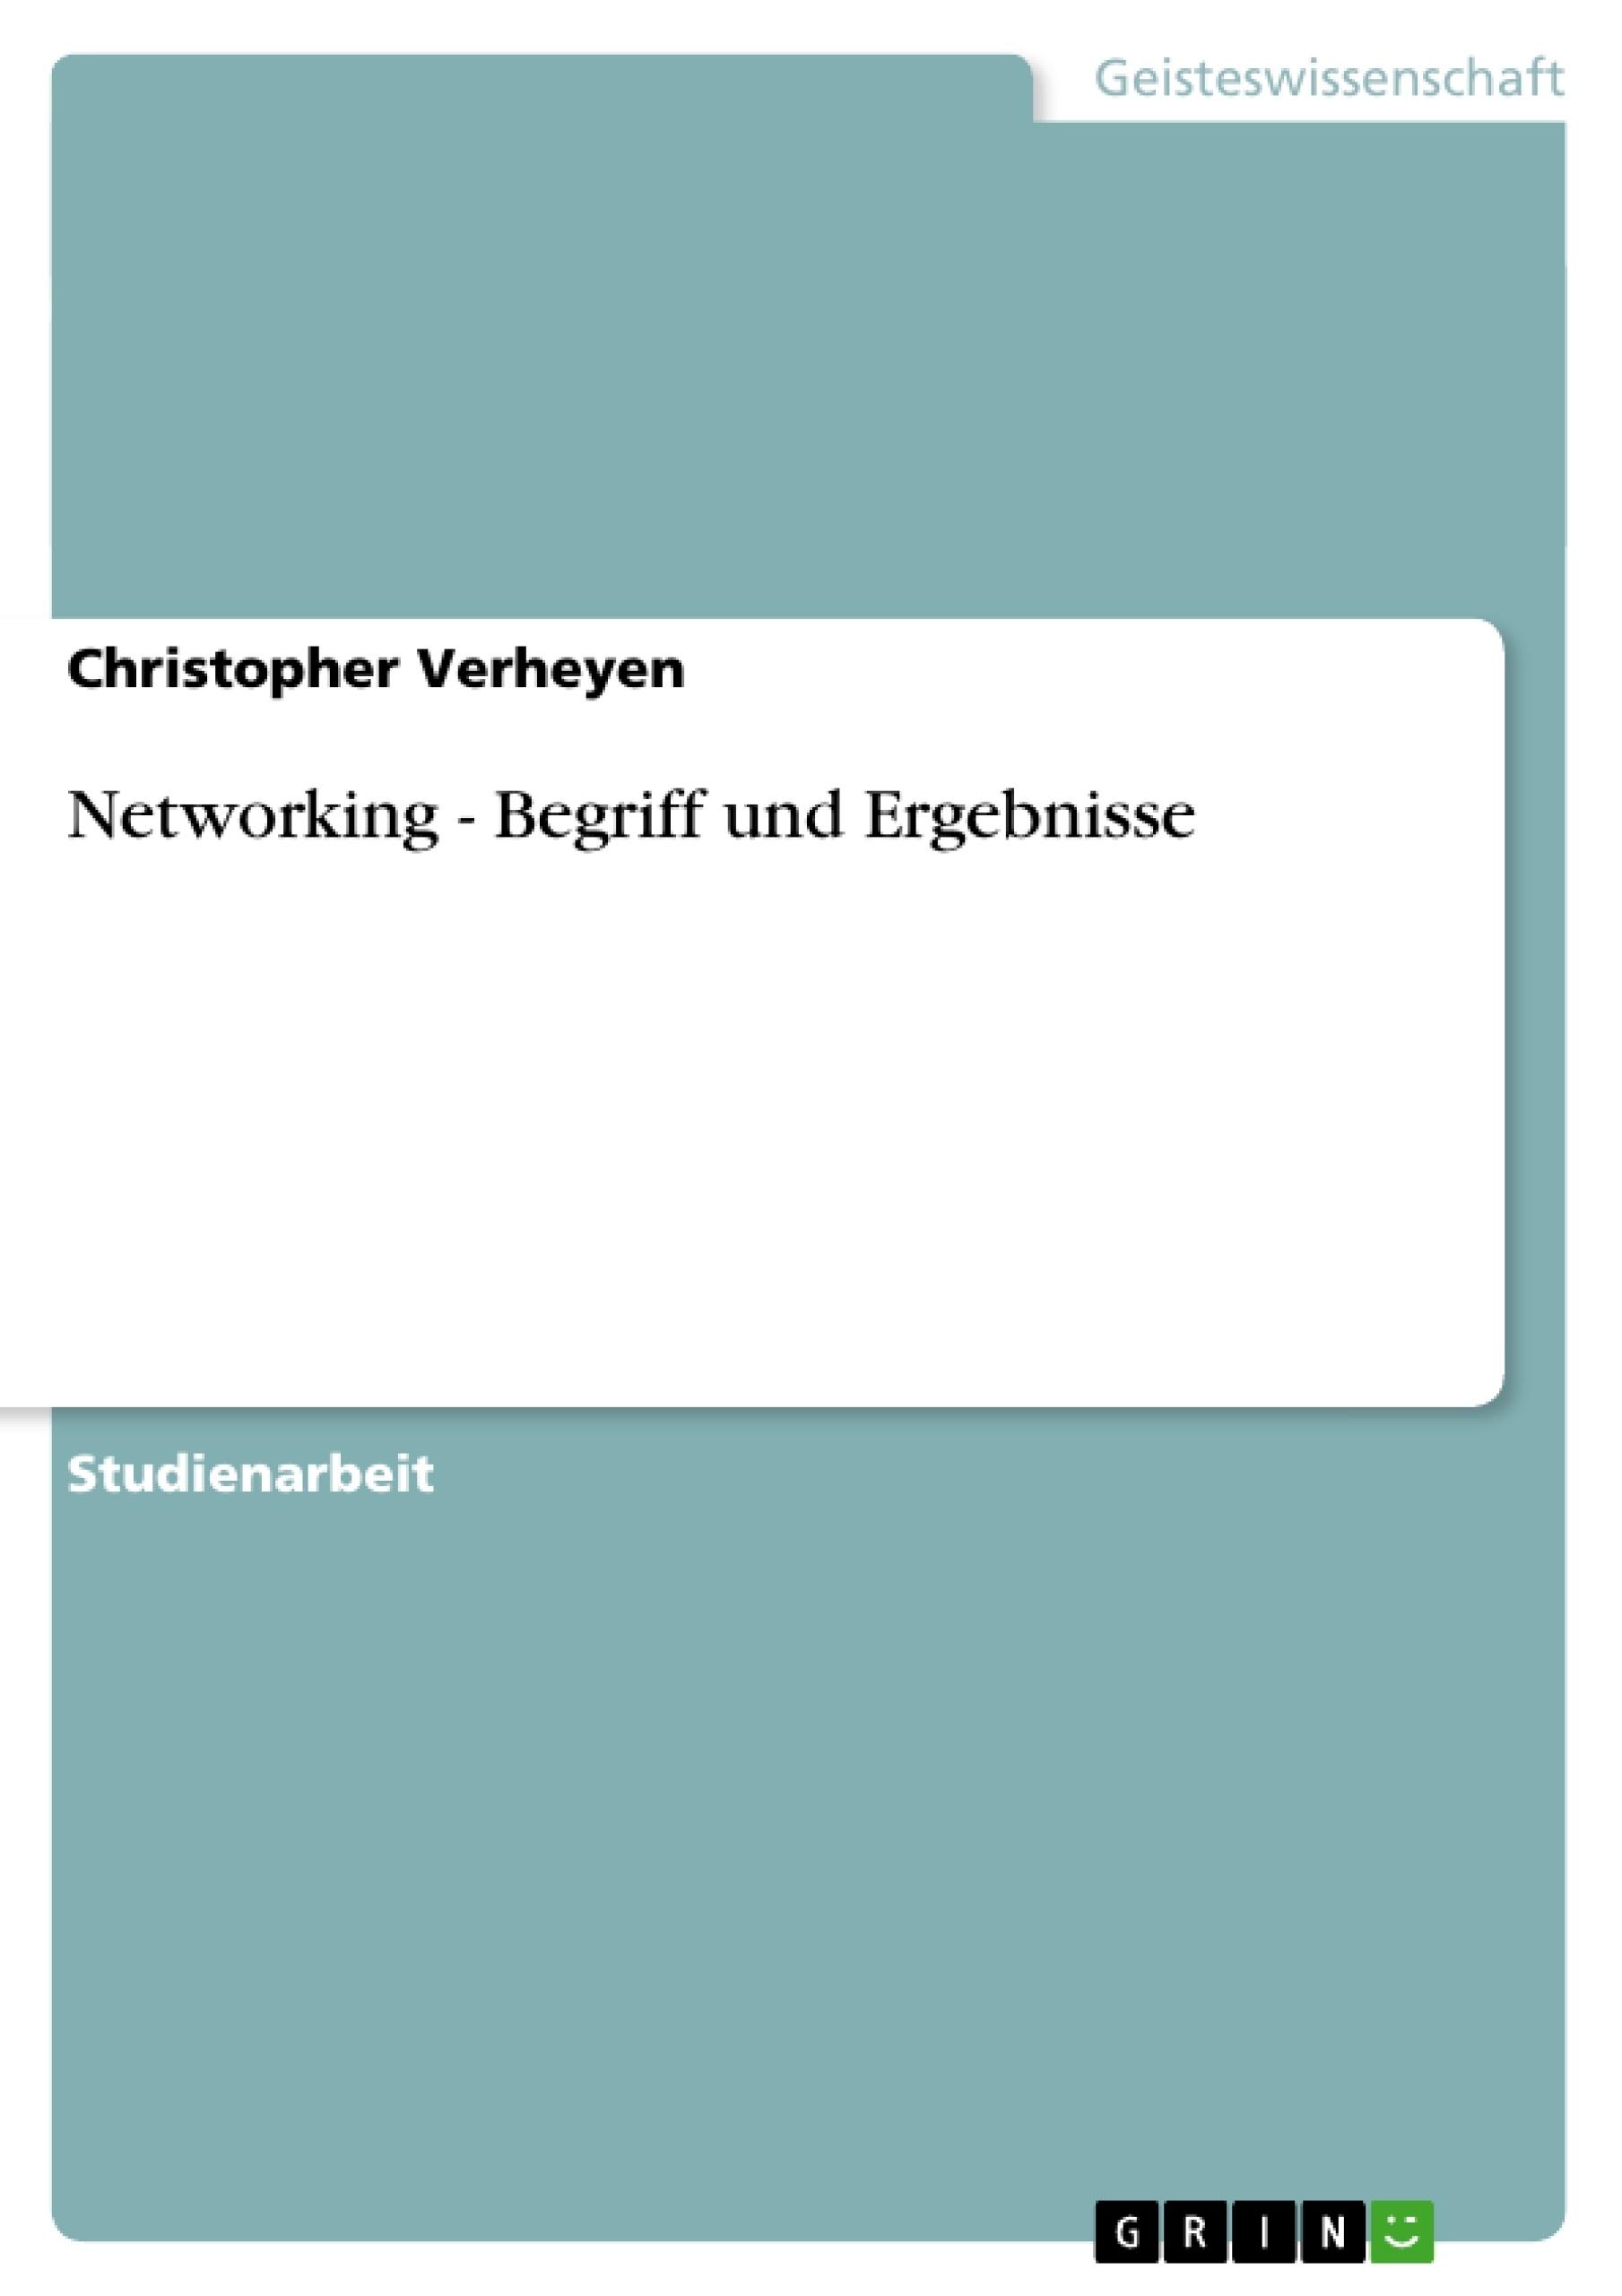 Titel: Networking - Begriff und Ergebnisse